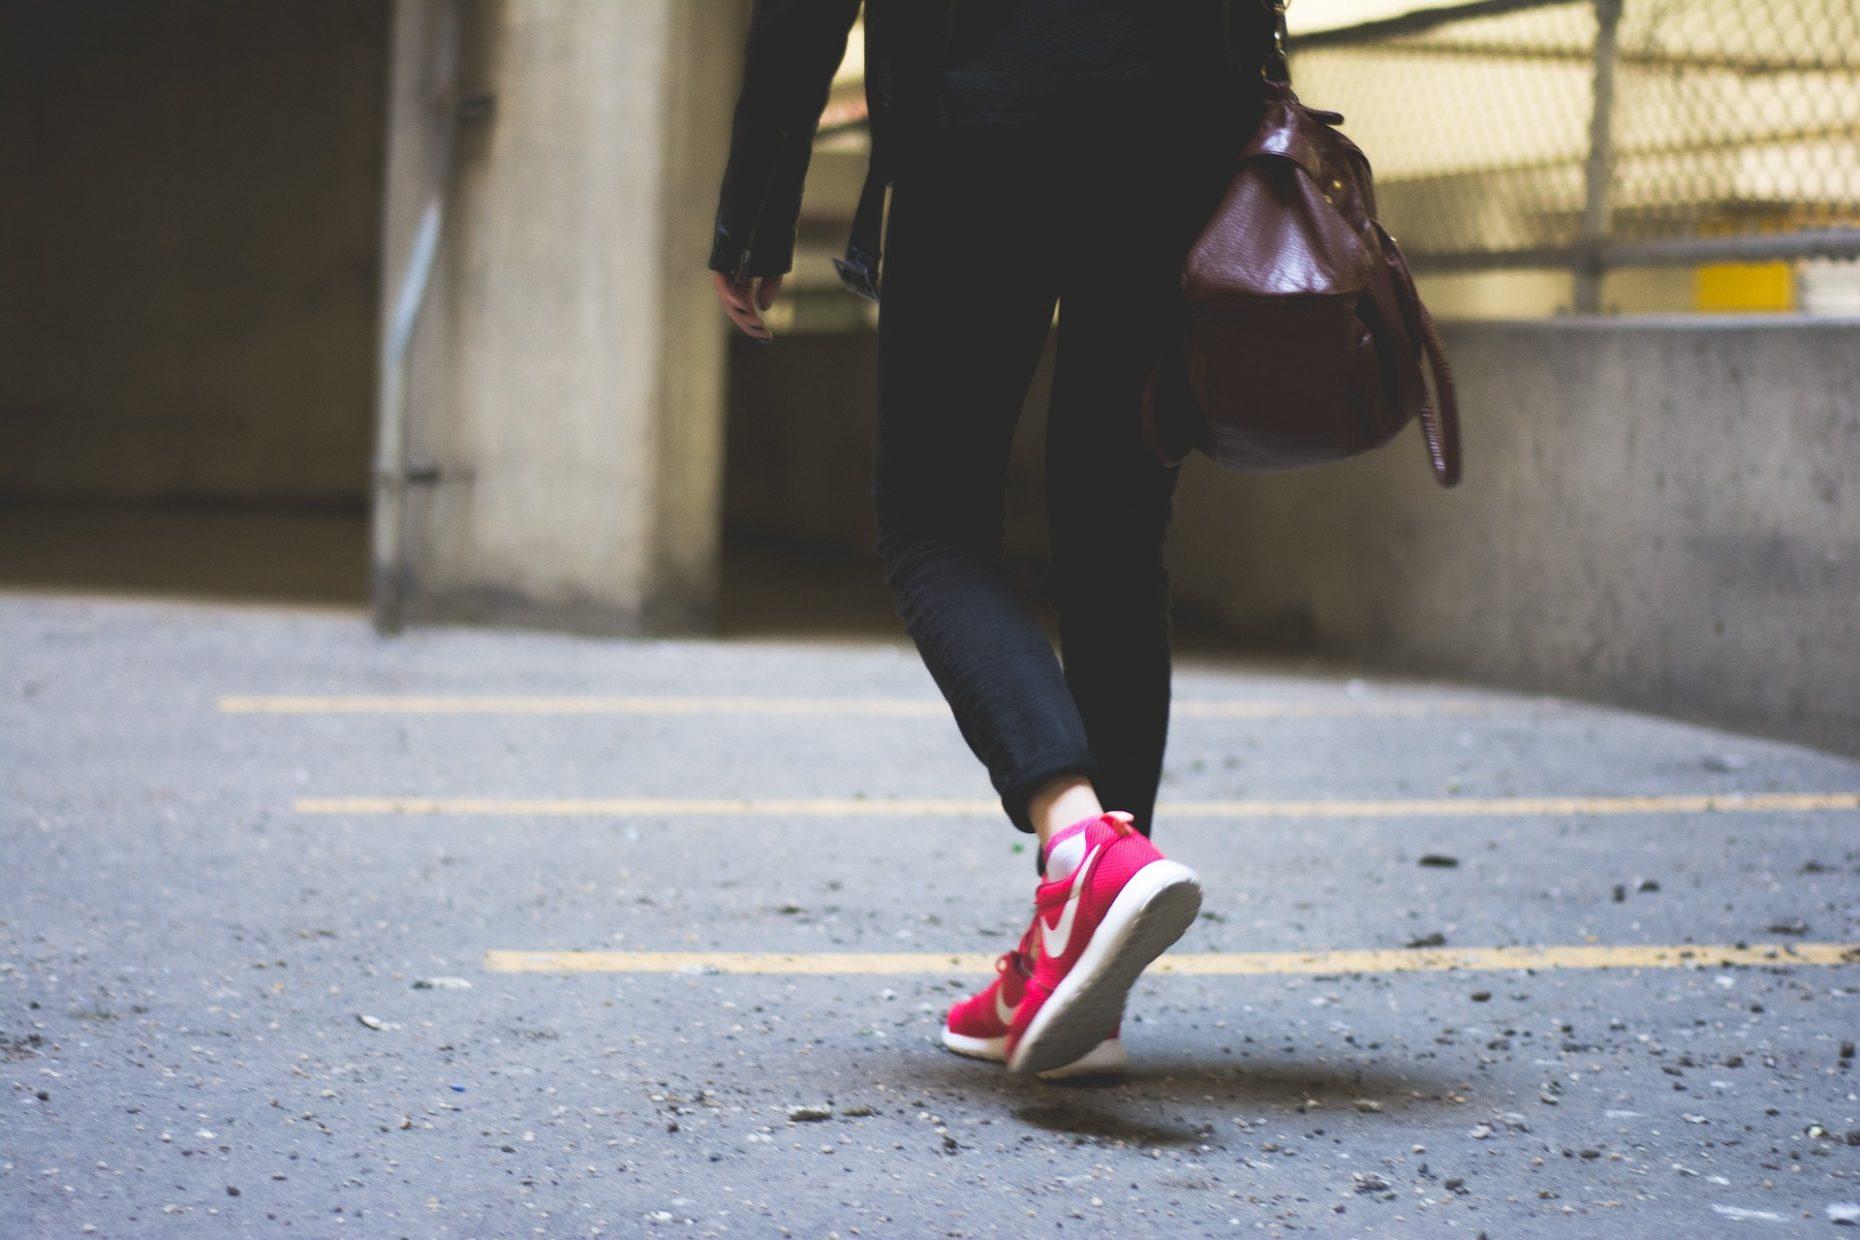 walking v running